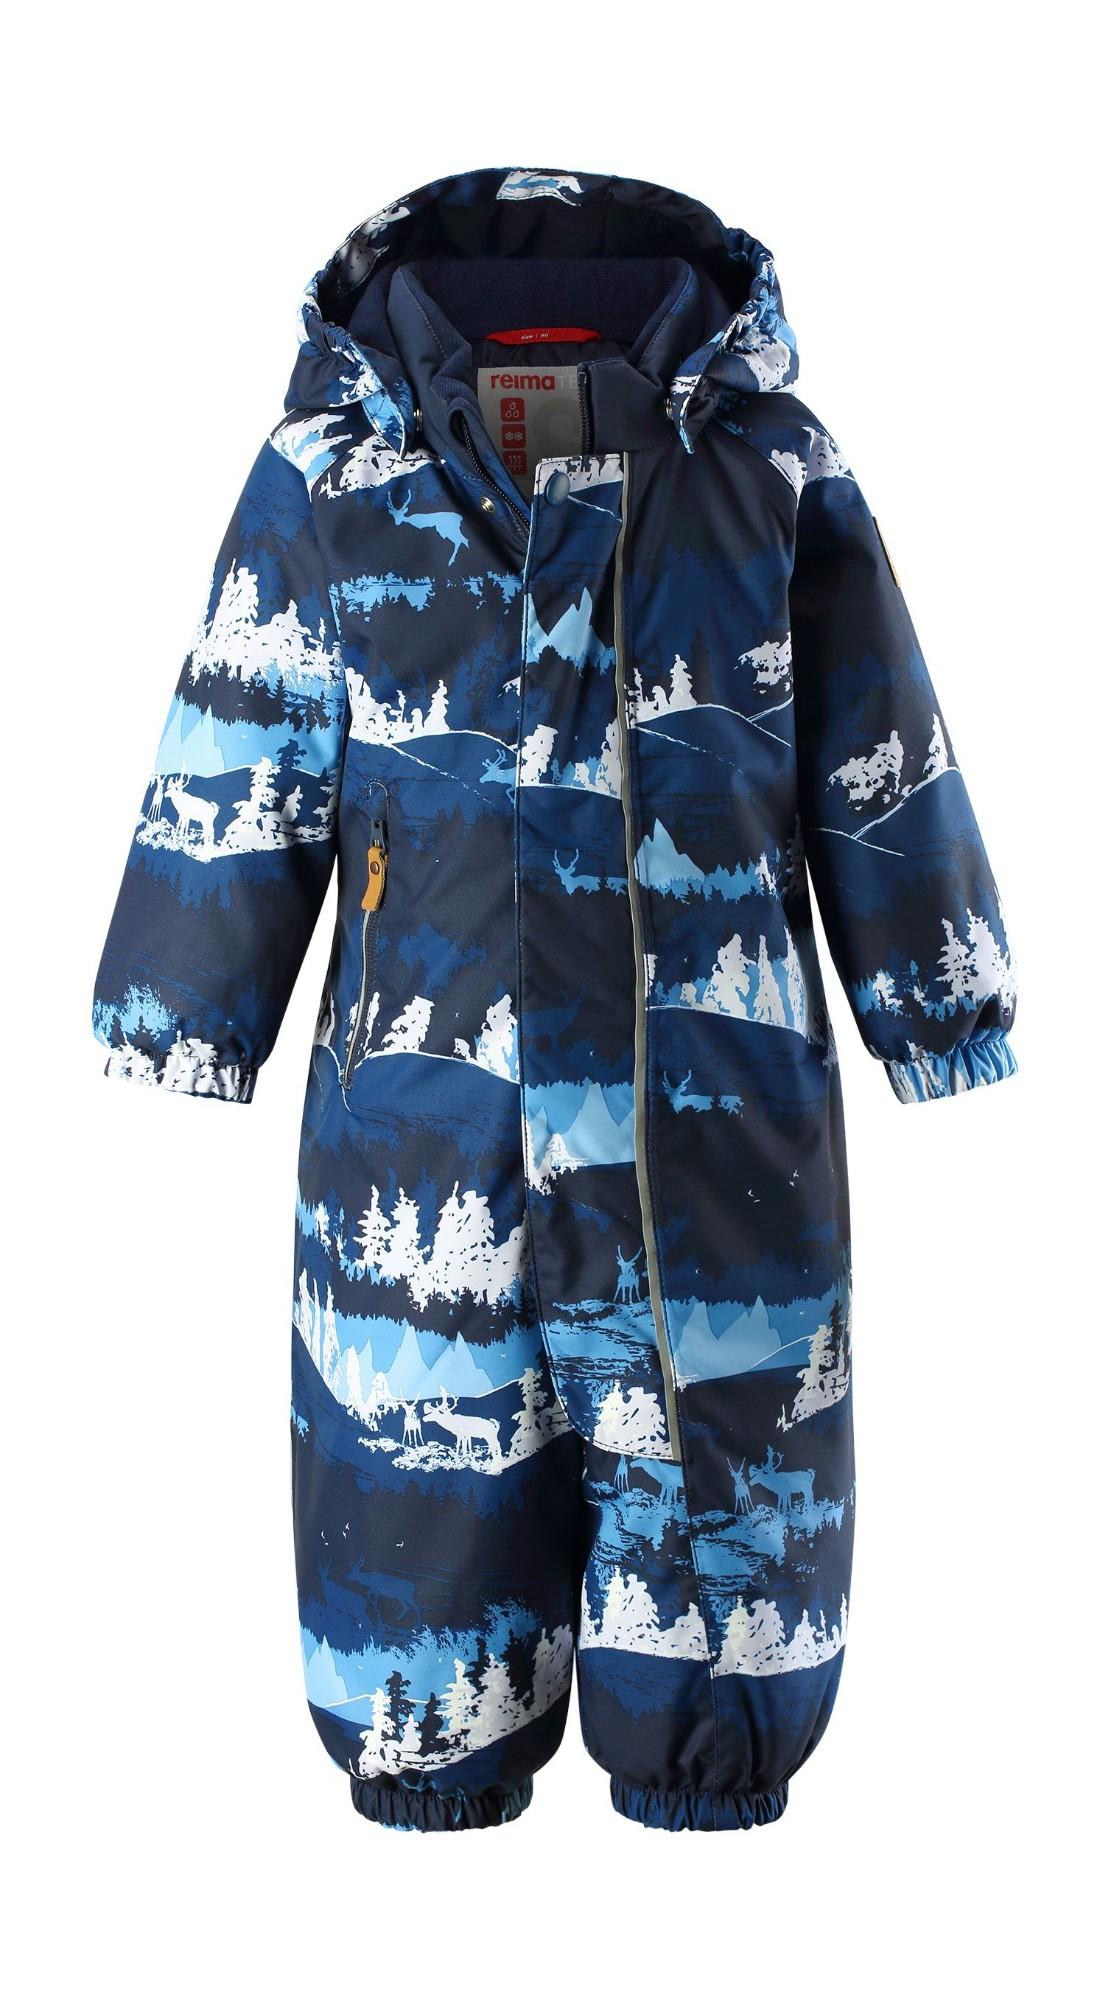 REIMA Puhuri 510306 Jeans Blue 6769 74